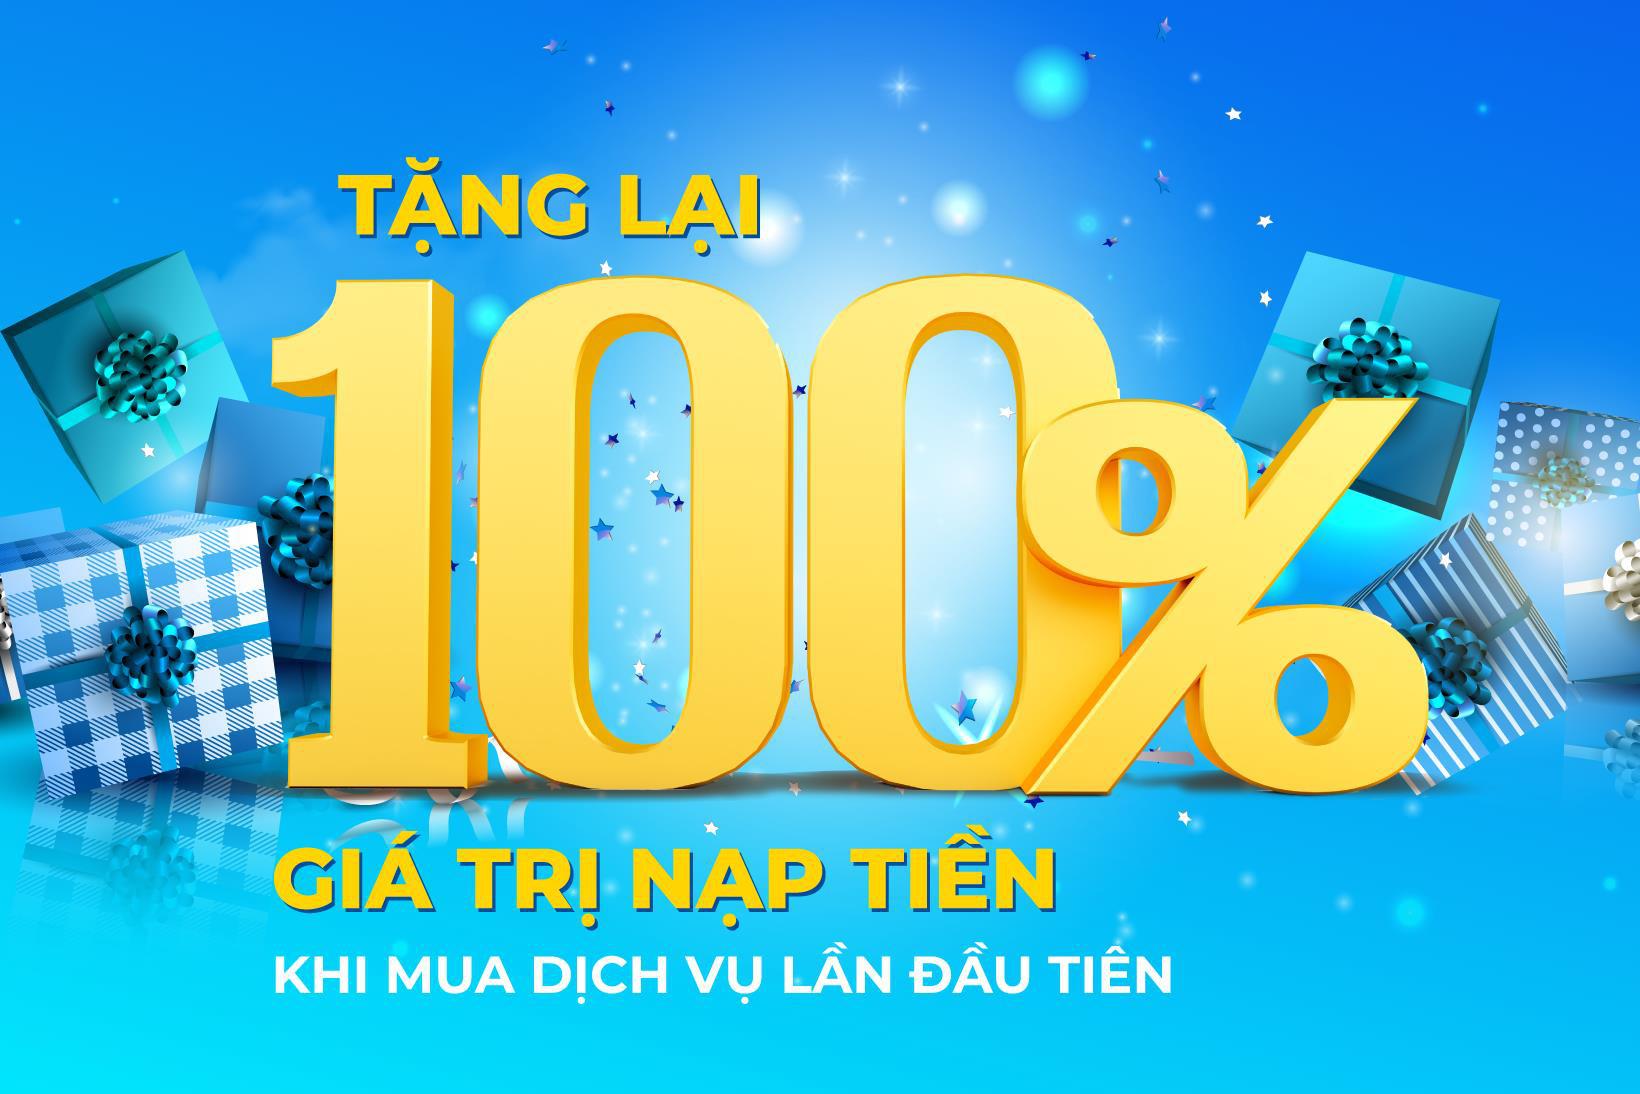 Ờ mây zing Black Friday - Tặng 100% giá trị gói hạ tầng website, app bán hàng - Ảnh 1.